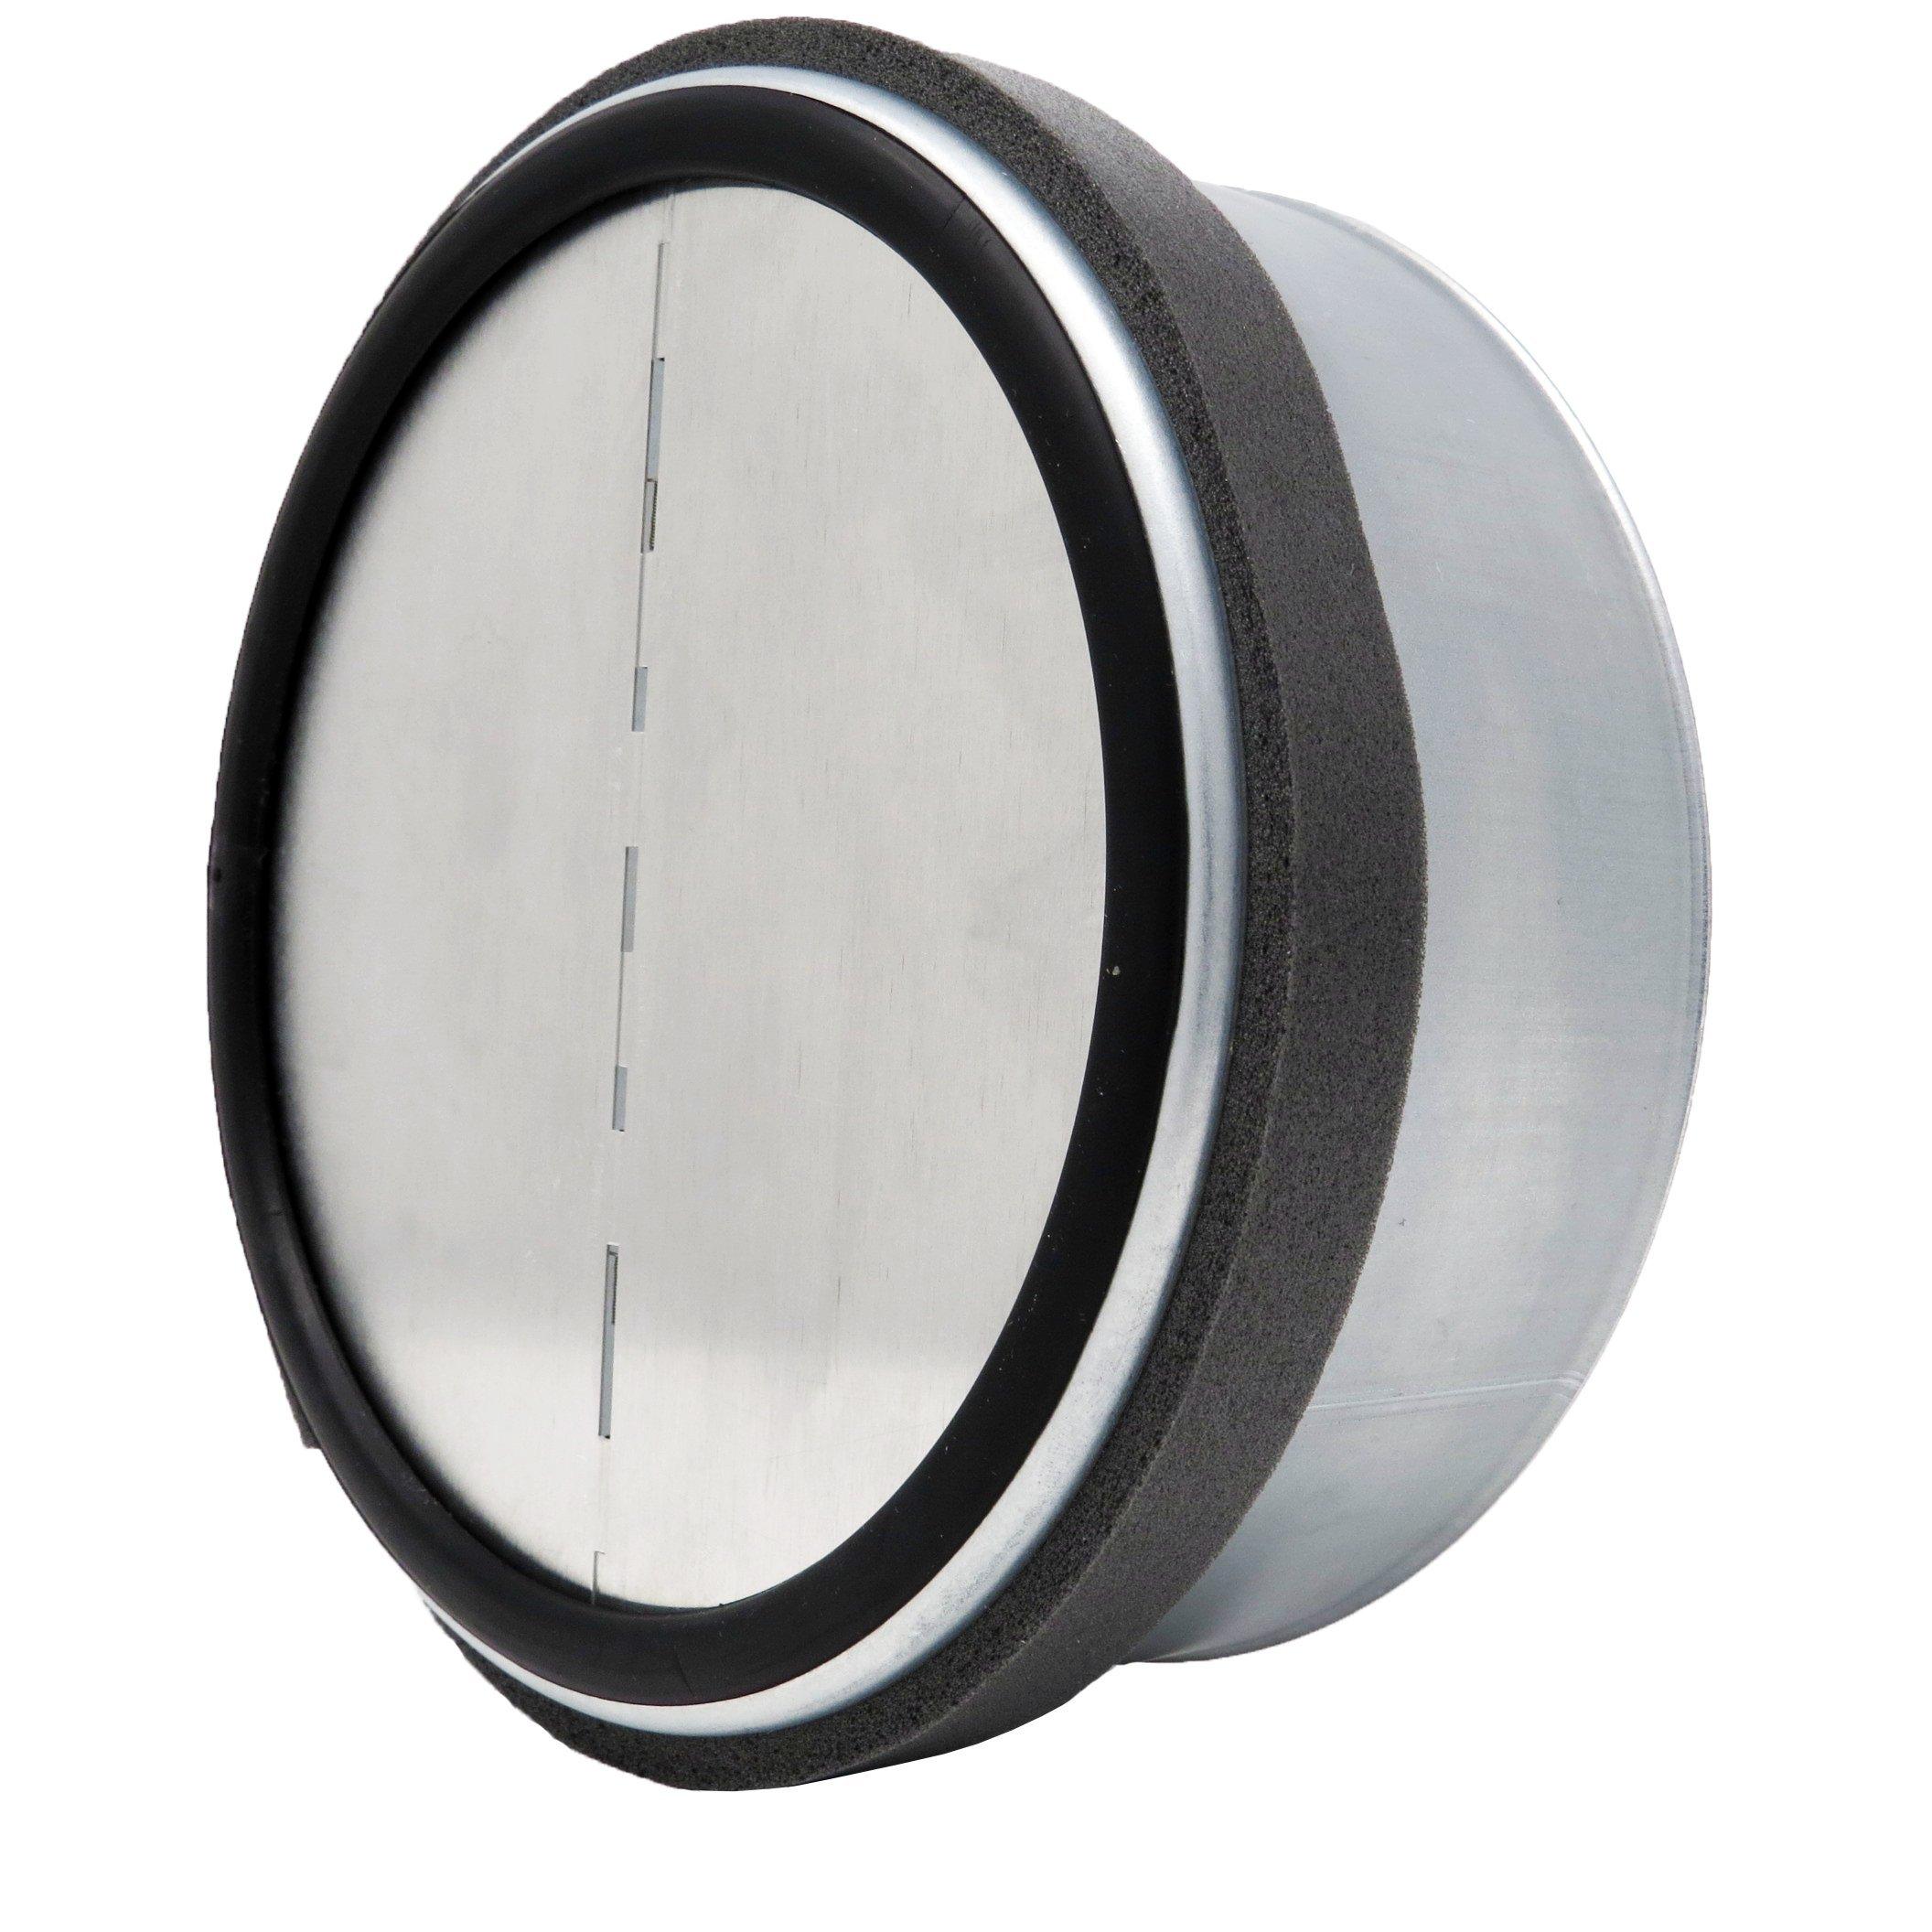 ALDES 5 Inch (5'') Round Spring Loaded Backdraft Damper - Professional Grade